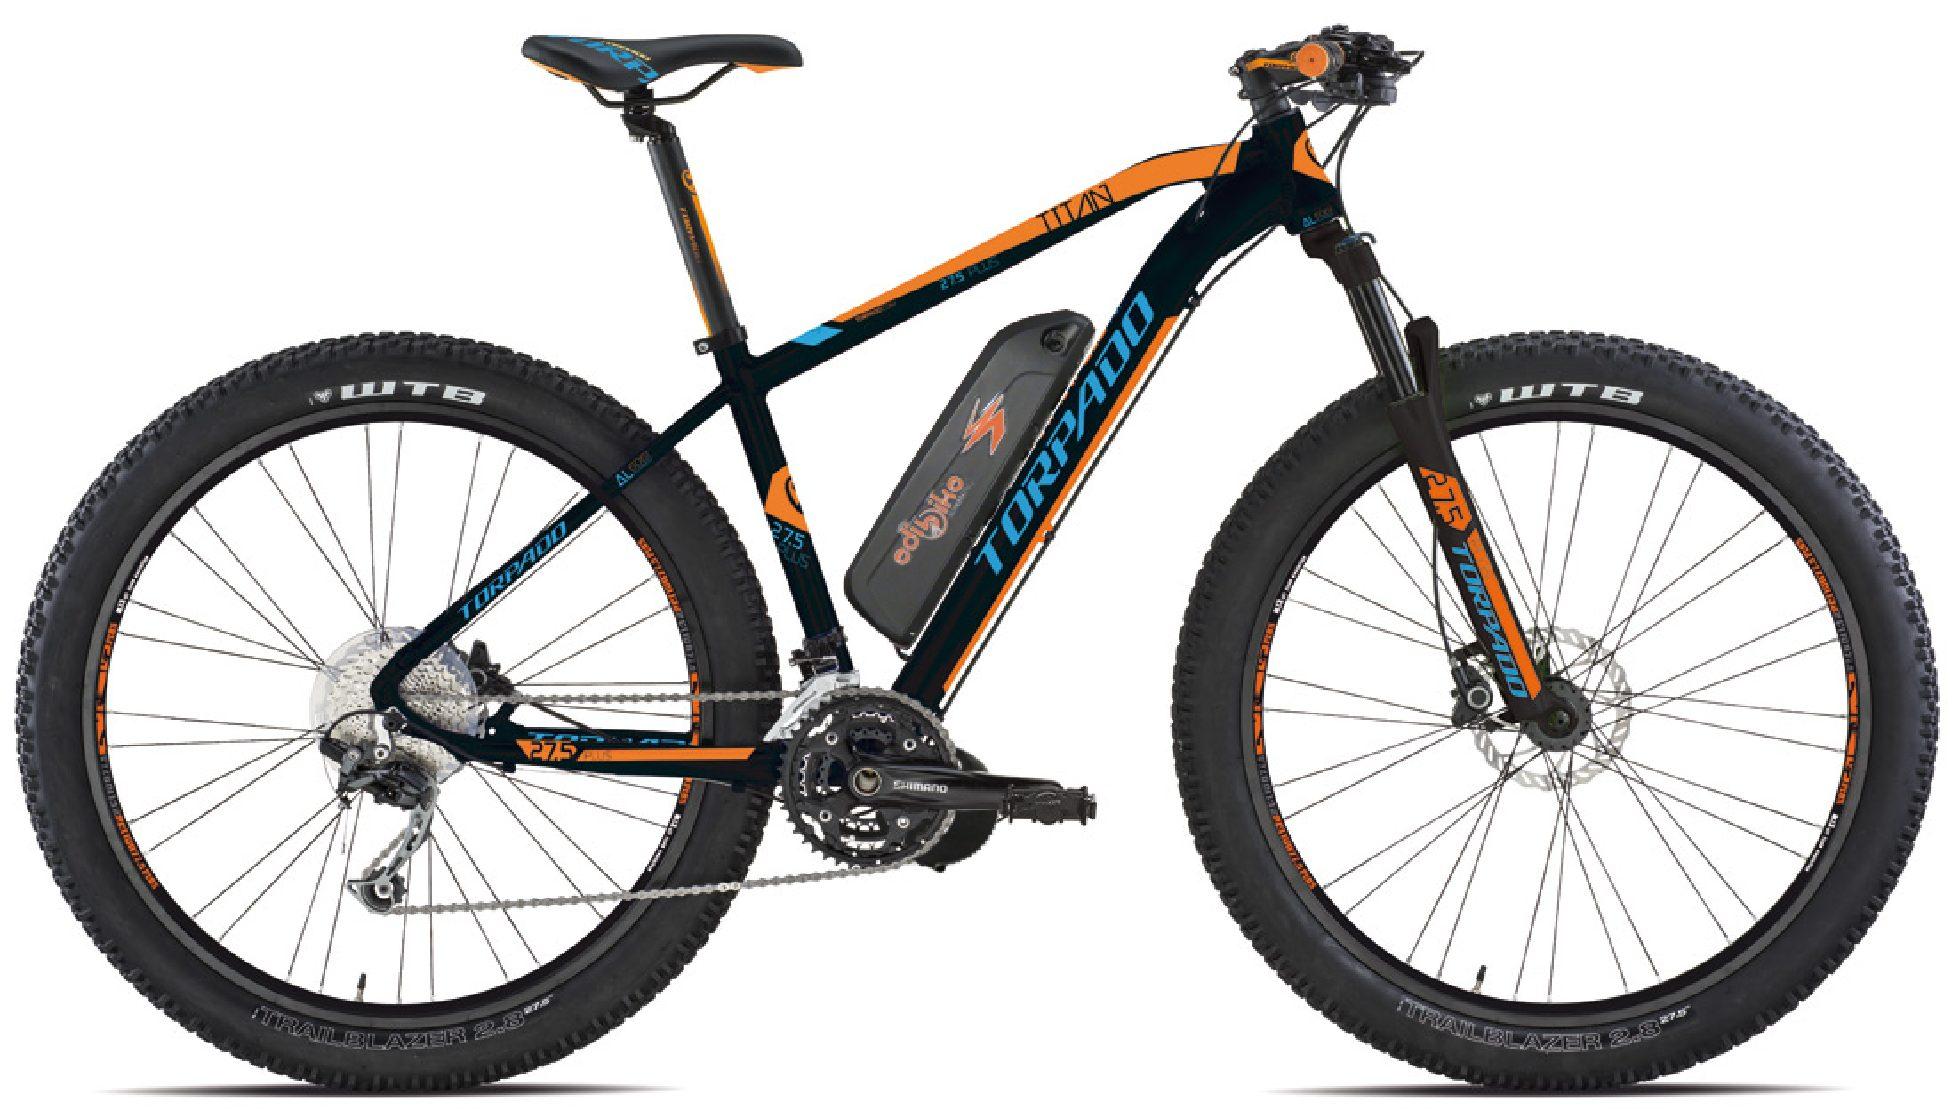 Bici Elettrica  MTB TORPADO  titan  30  25,5  plus  kit motore centrale  da  500 watt  a 750 watt  a 1000 watt  coppia da 100 a 160 Nm a partire  da :